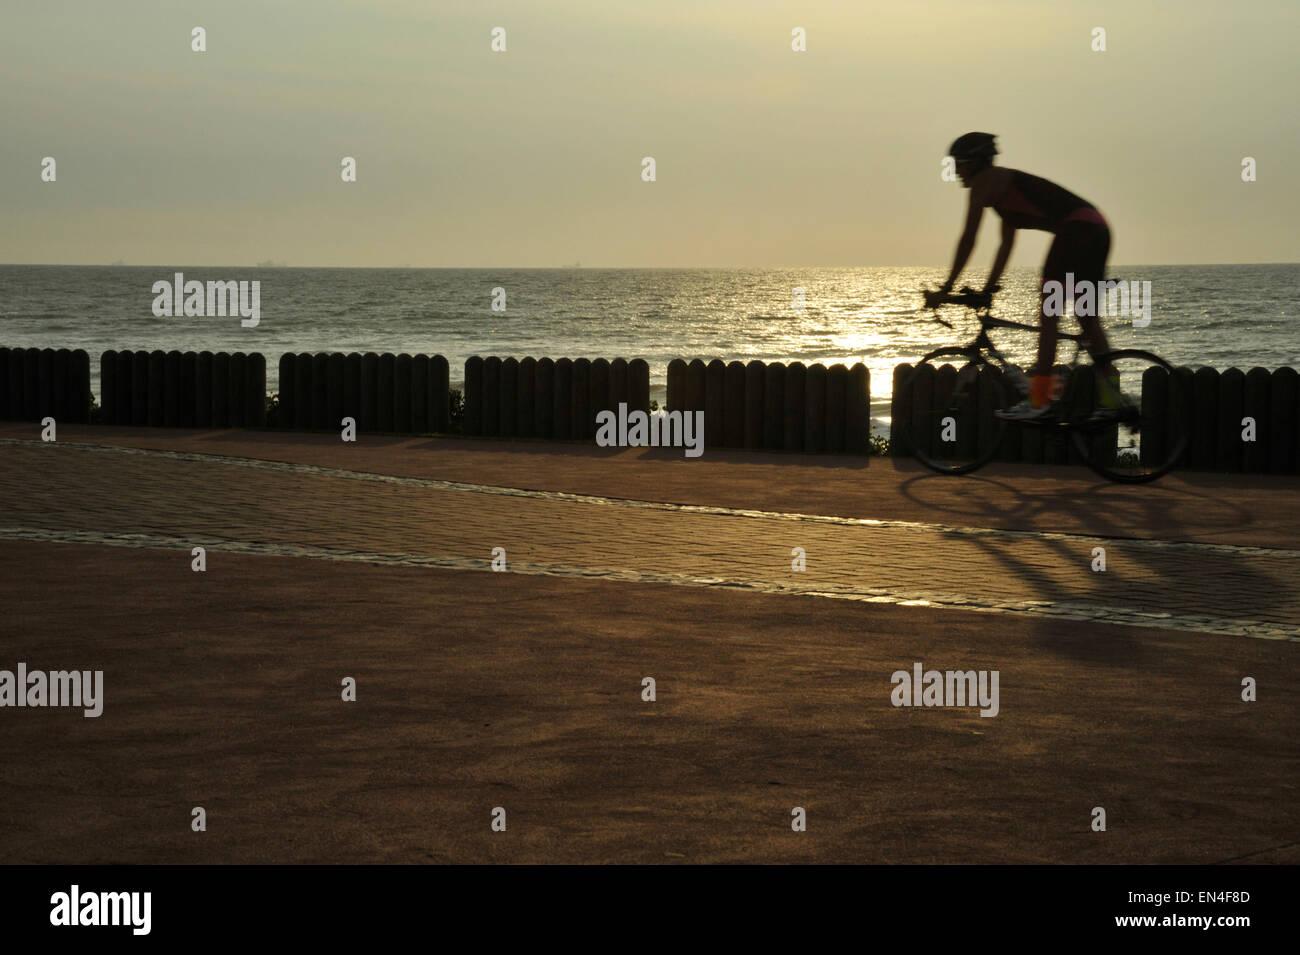 Durban, le KwaZulu-Natal, Afrique du Sud, silhouette, seul mâle adulte, cycliste vélo sur la plage, tôt Photo Stock